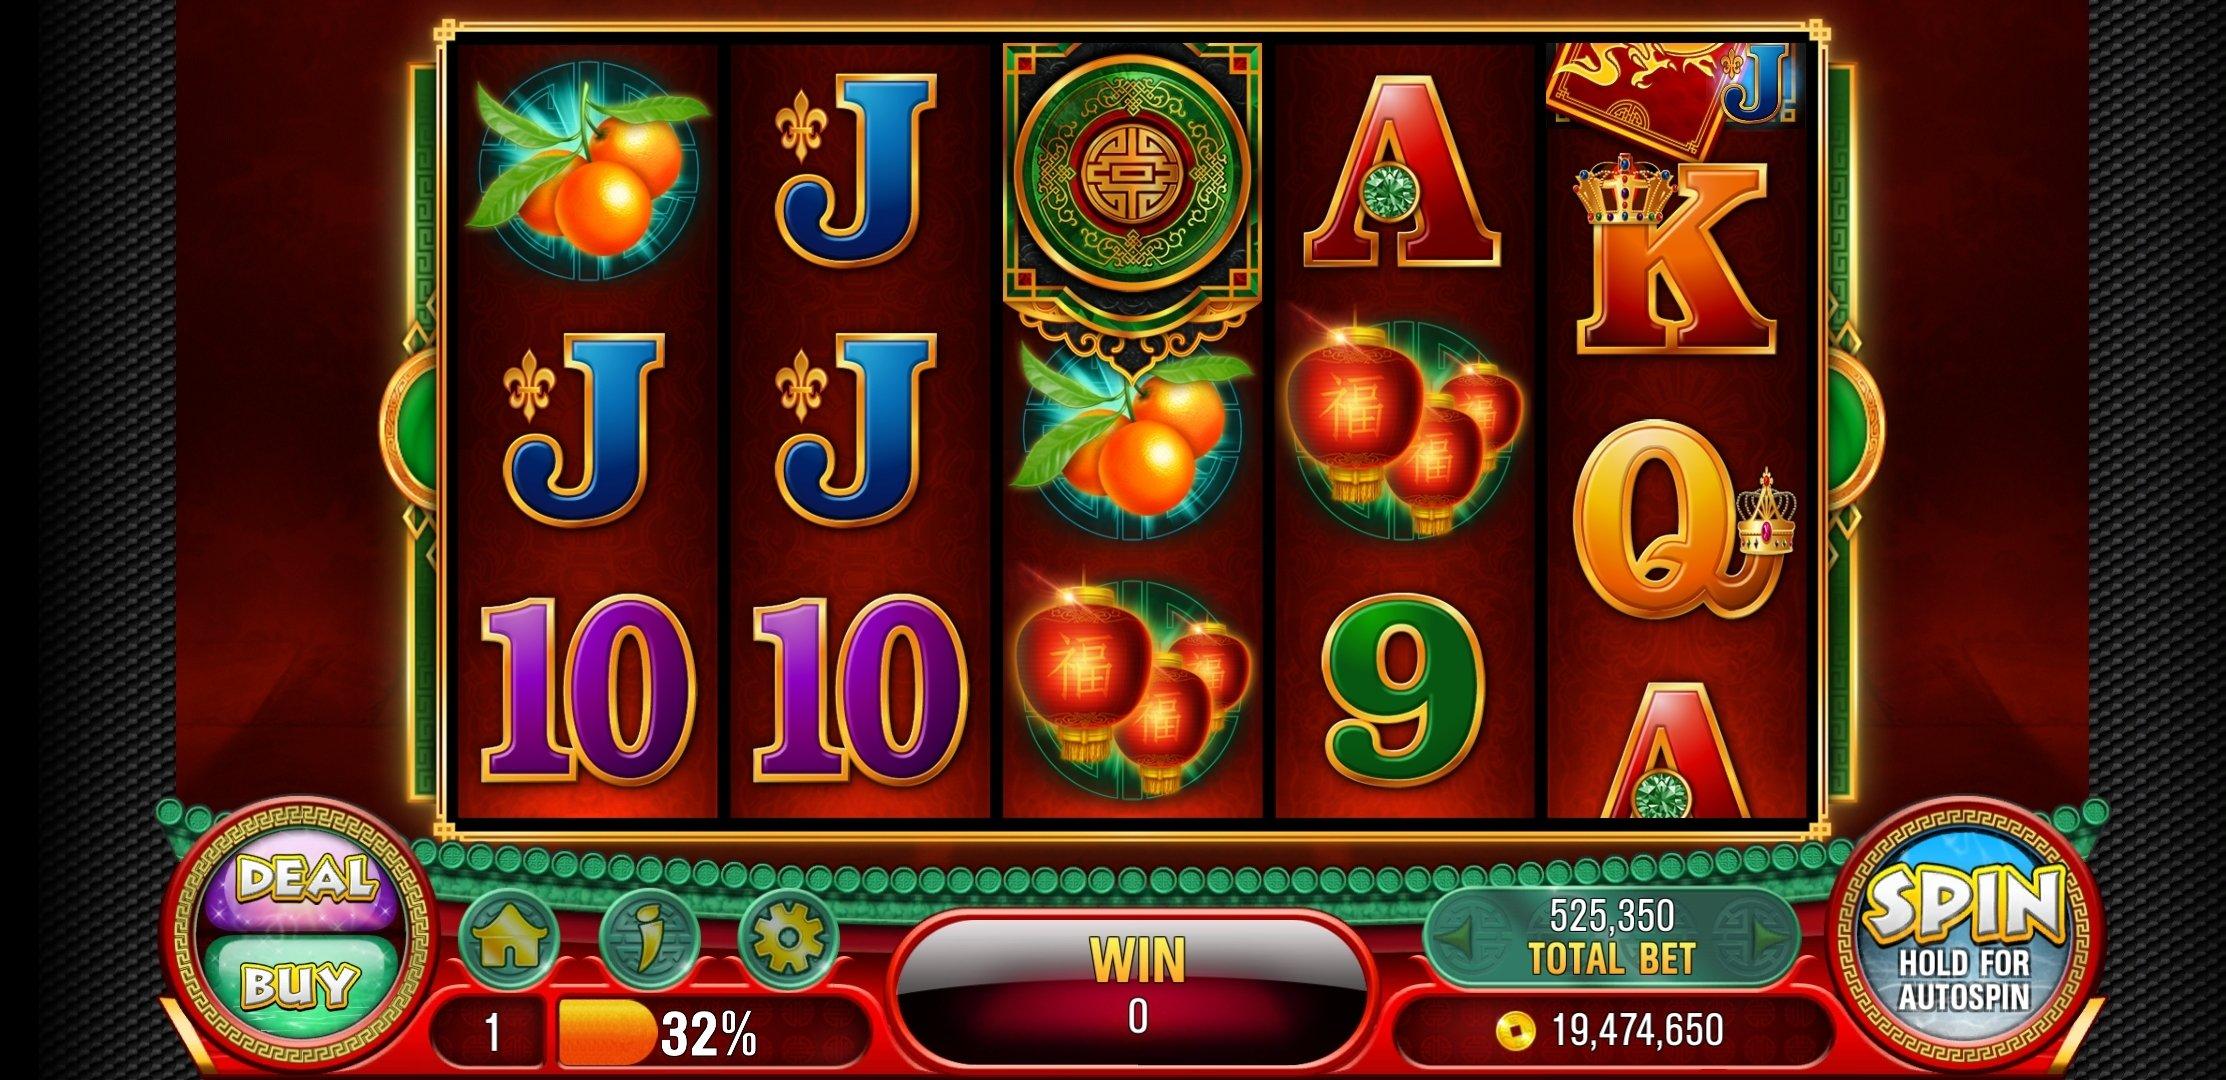 Игровые автоматы скачать для с 7 00 тот самый вулкан казино